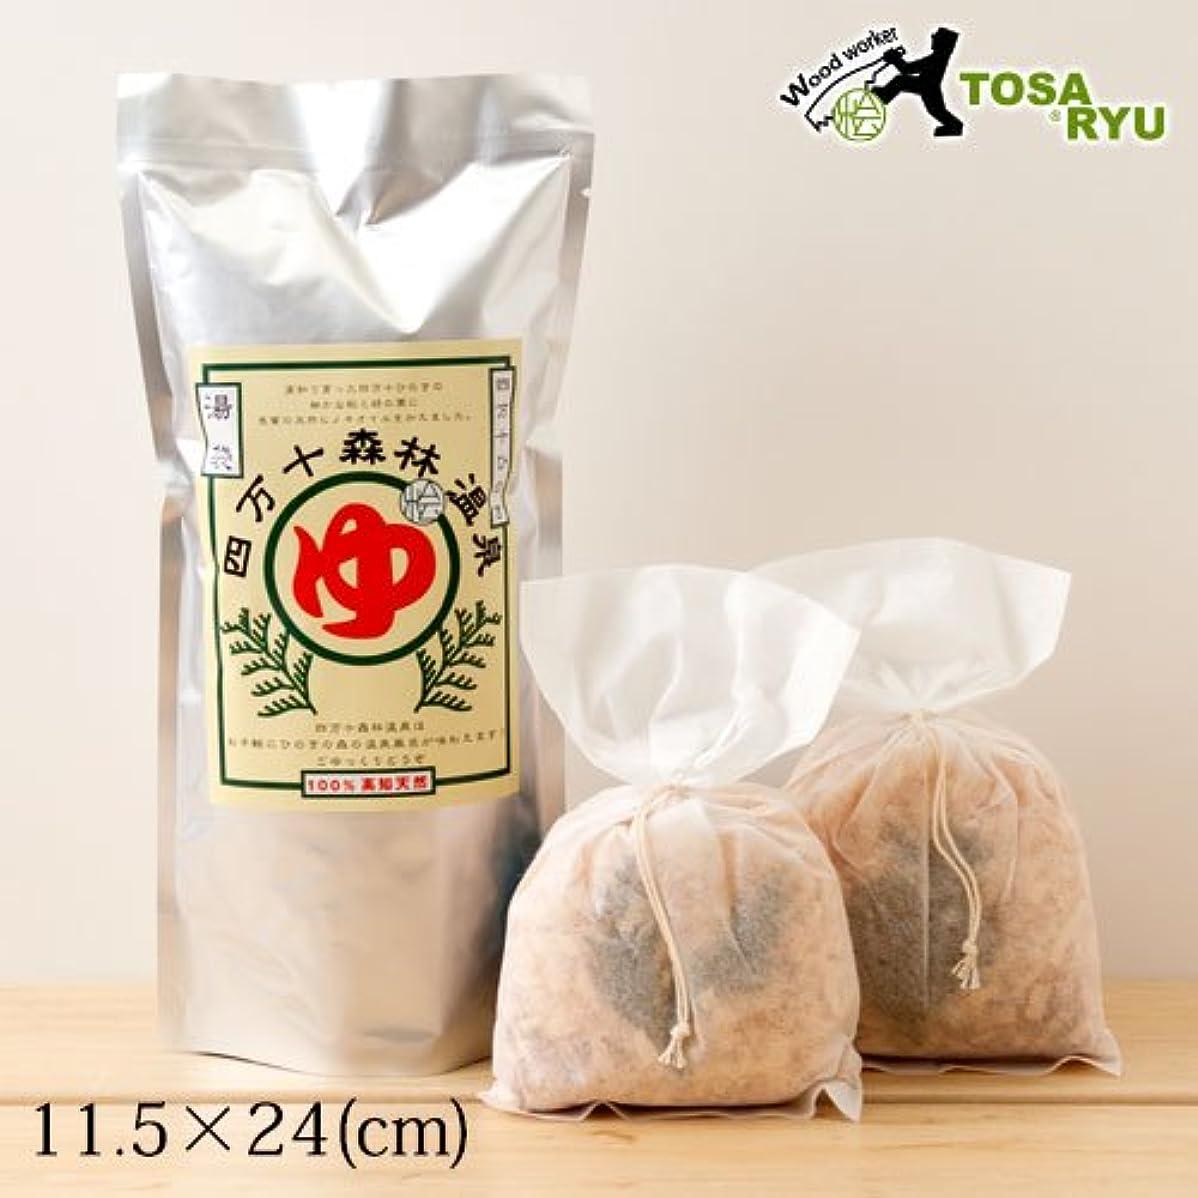 分離驚くばかりくびれた土佐龍四万十森林温泉四万十ひのきの入浴剤2袋入り高知県の工芸品Bath additive of cypress, Kochi craft